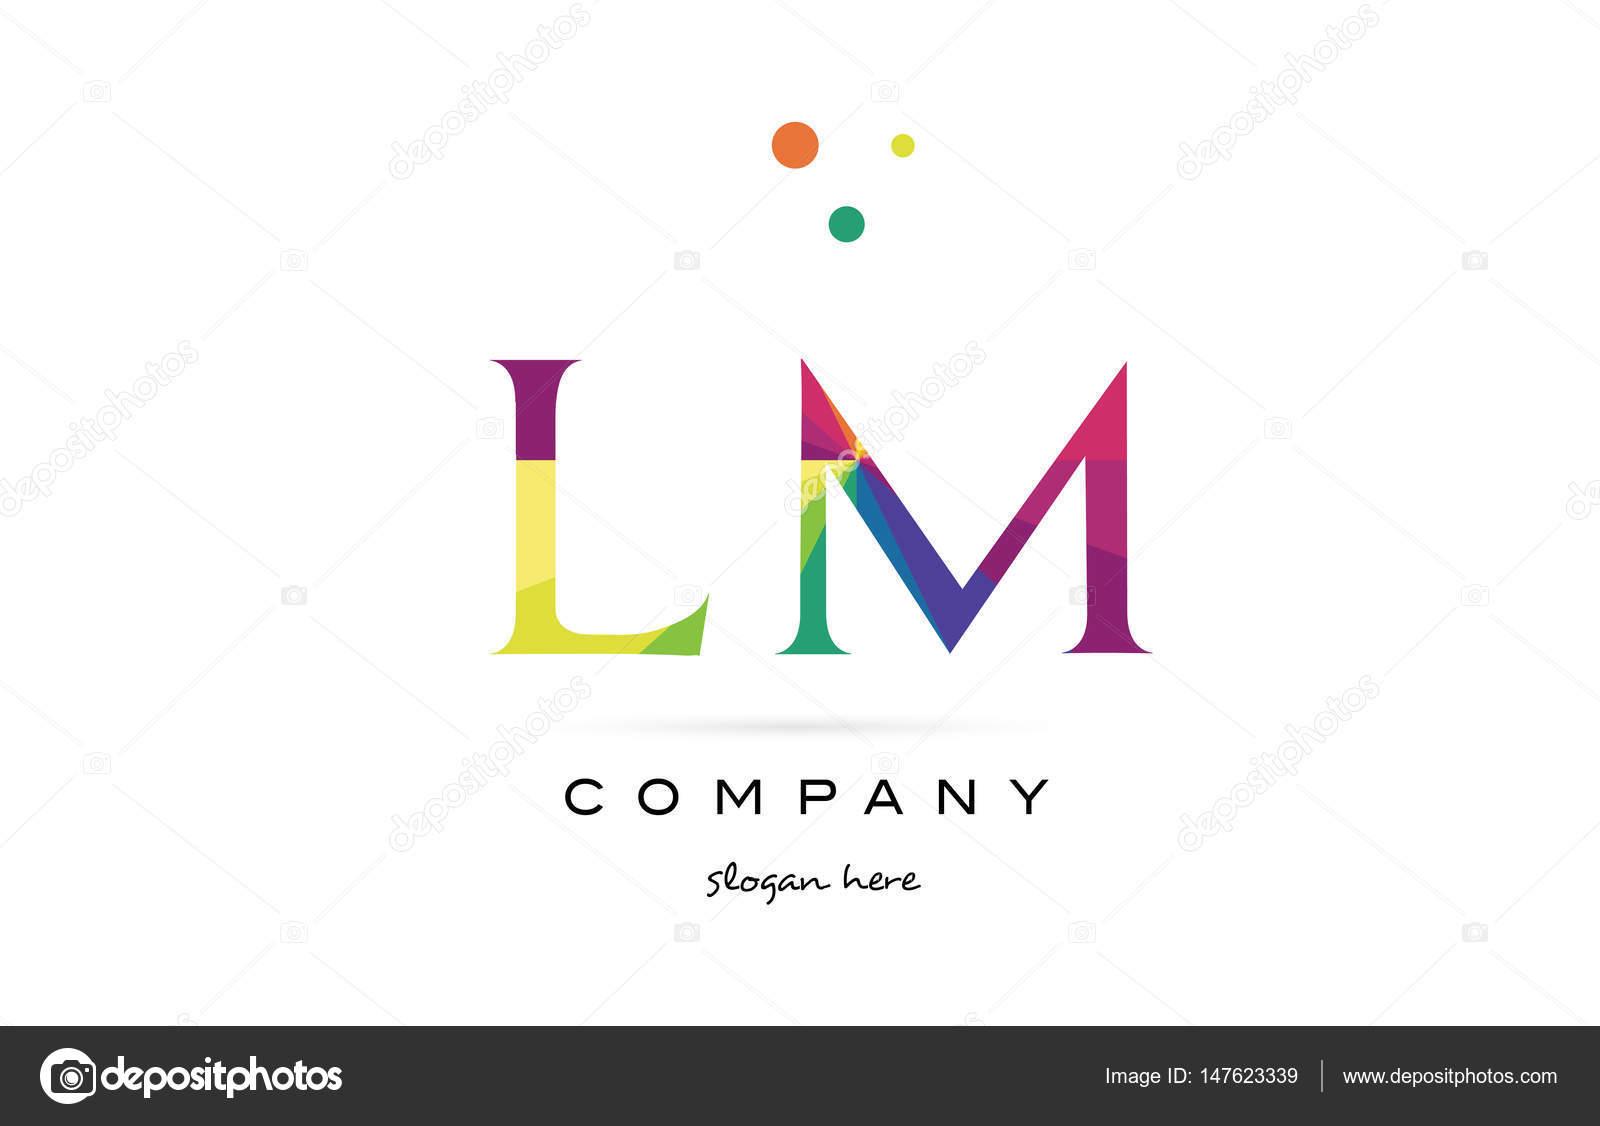 Großartig Regenbogenfarbblatt Bilder - Beispiel Business Lebenslauf ...